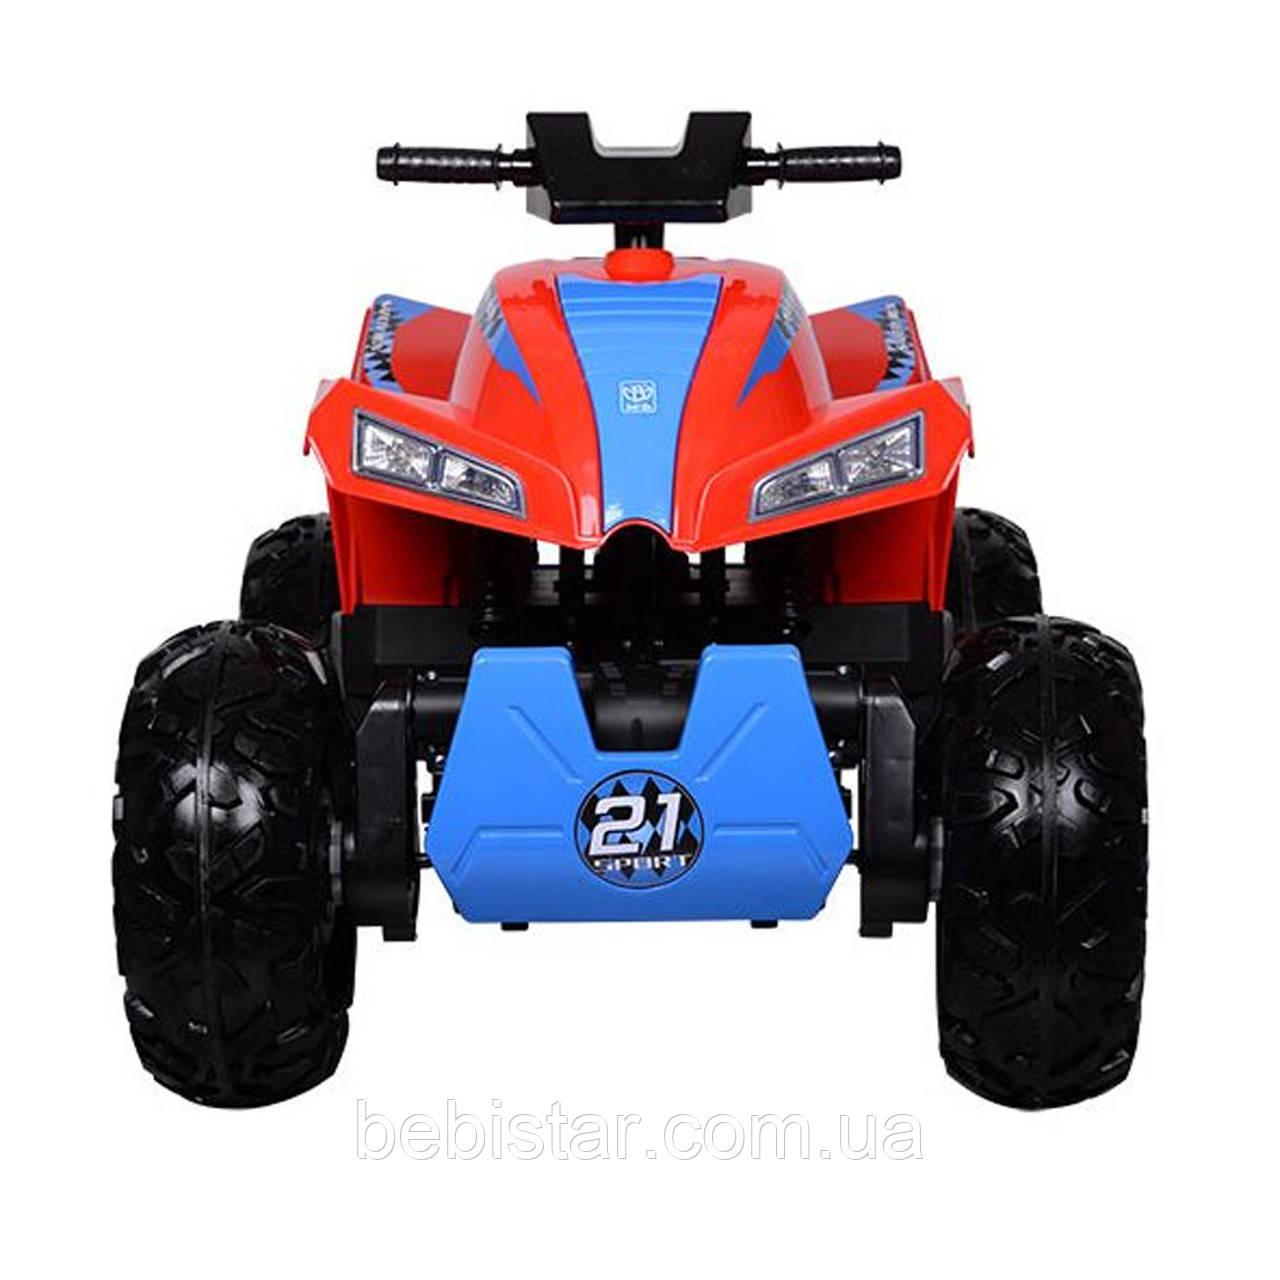 Детский полноприводный  электромобиль-квадроцикл красный М3607EL Red деткам 2-6 лет мотор 4*45W